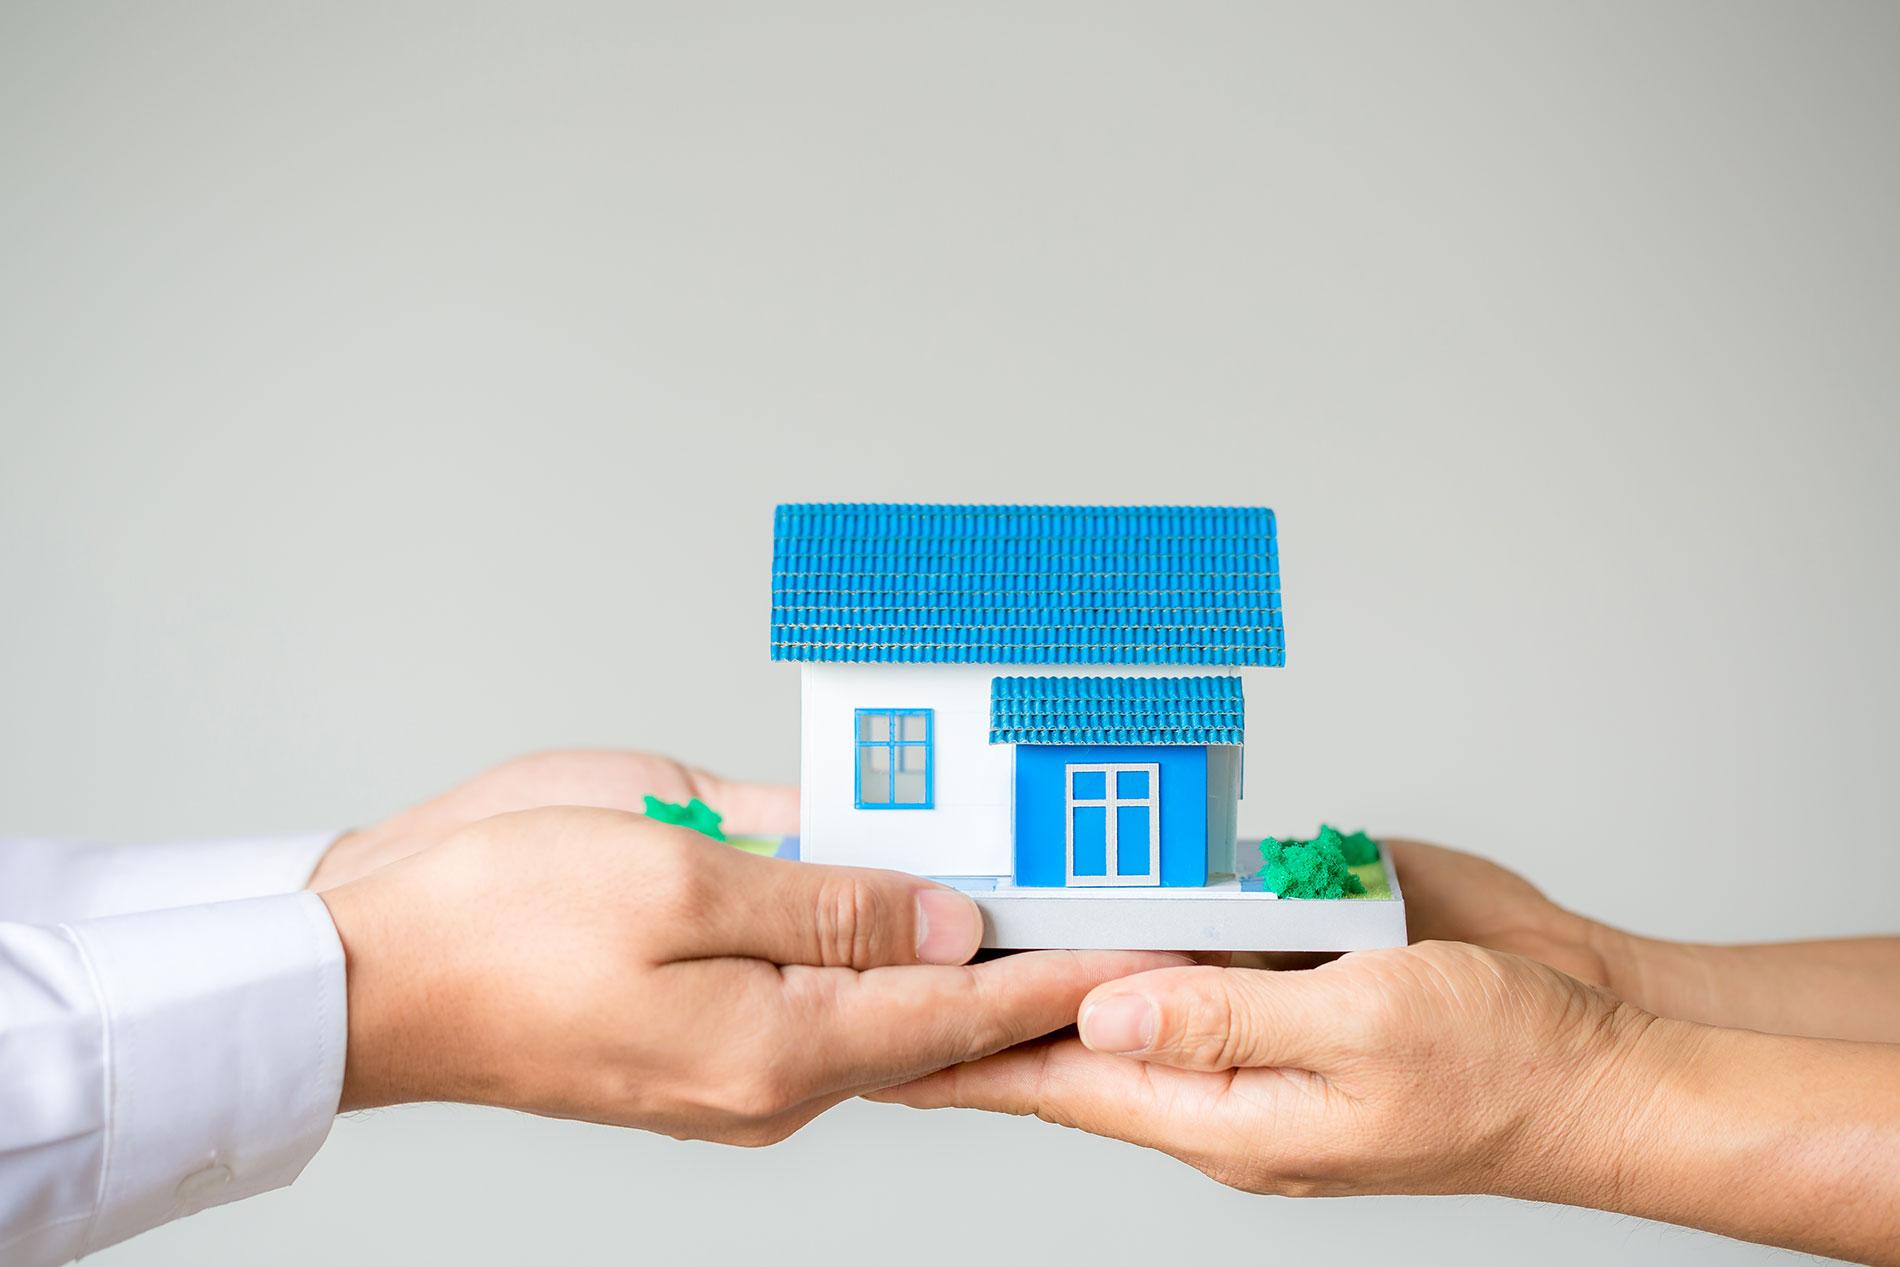 Costruire casa: l'iter (le fasi) e perché affidarti ad un'impresa edile